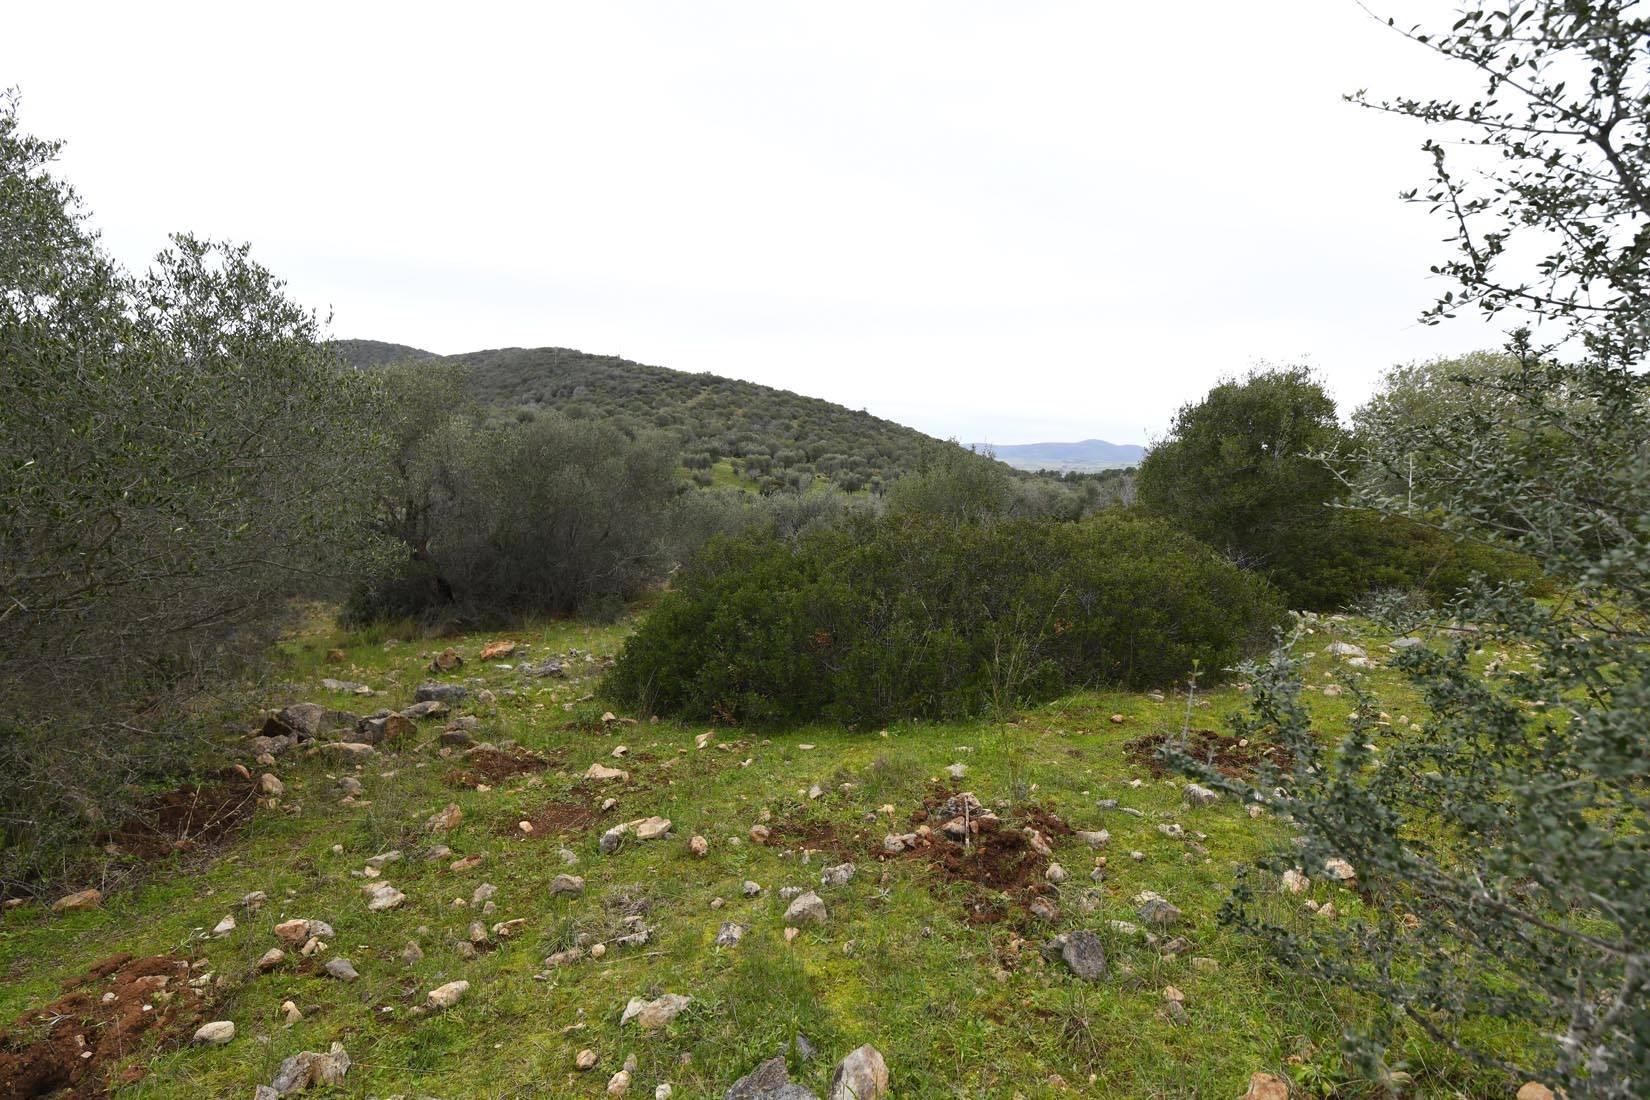 Terreno Agricolo in vendita a Orbetello, 9999 locali, zona Zona: Talamone, prezzo € 22.000 | CambioCasa.it